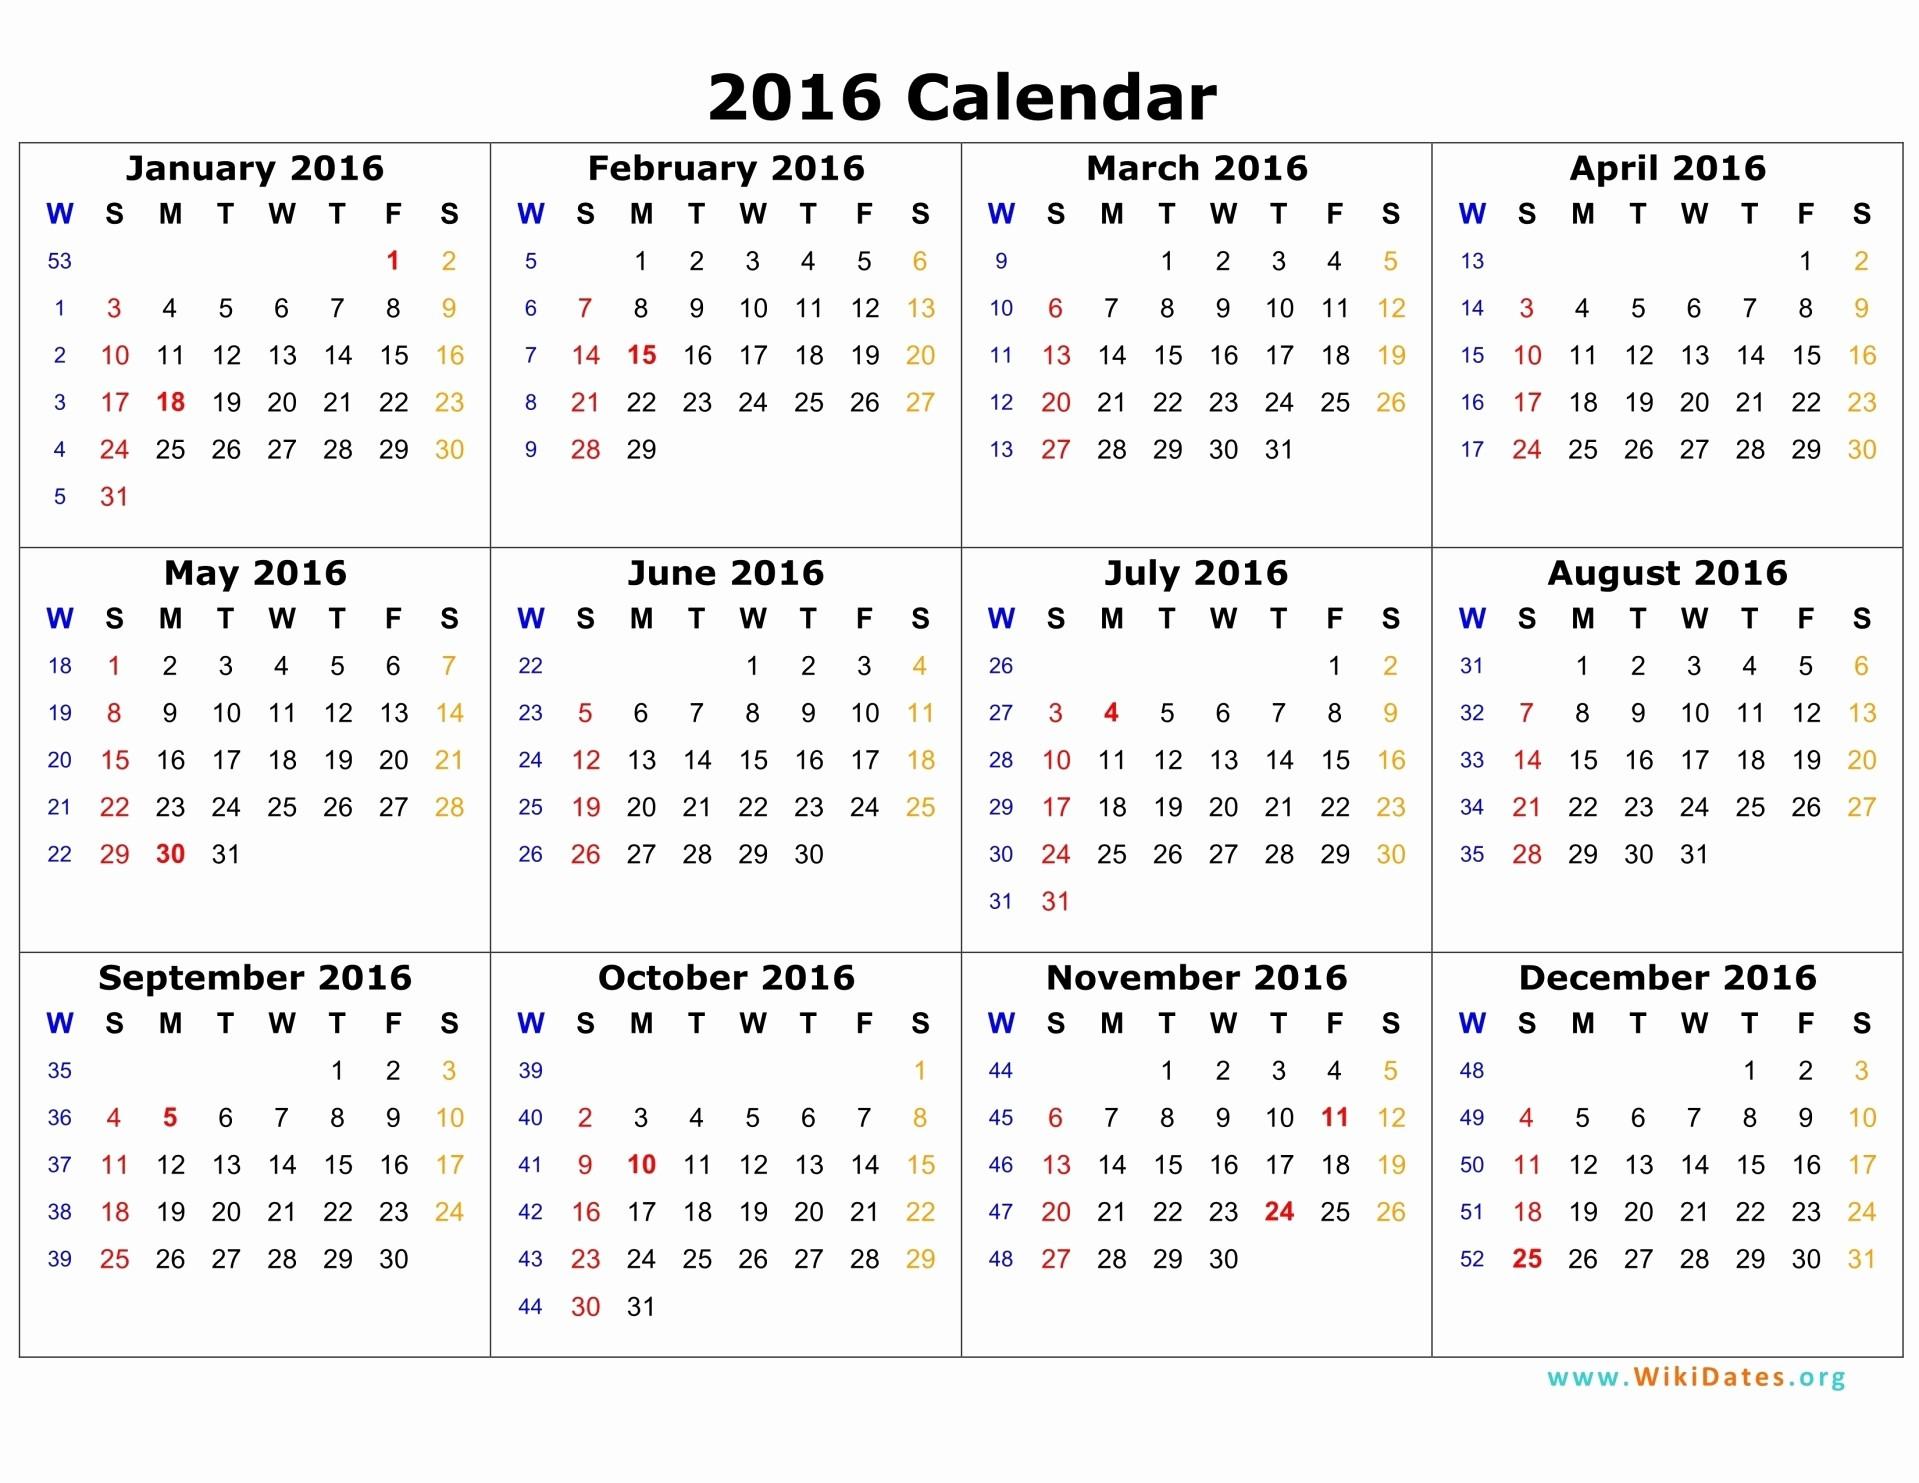 12 Months Calendar 2016 Printable Elegant 2016 12 Month Calendar Printable